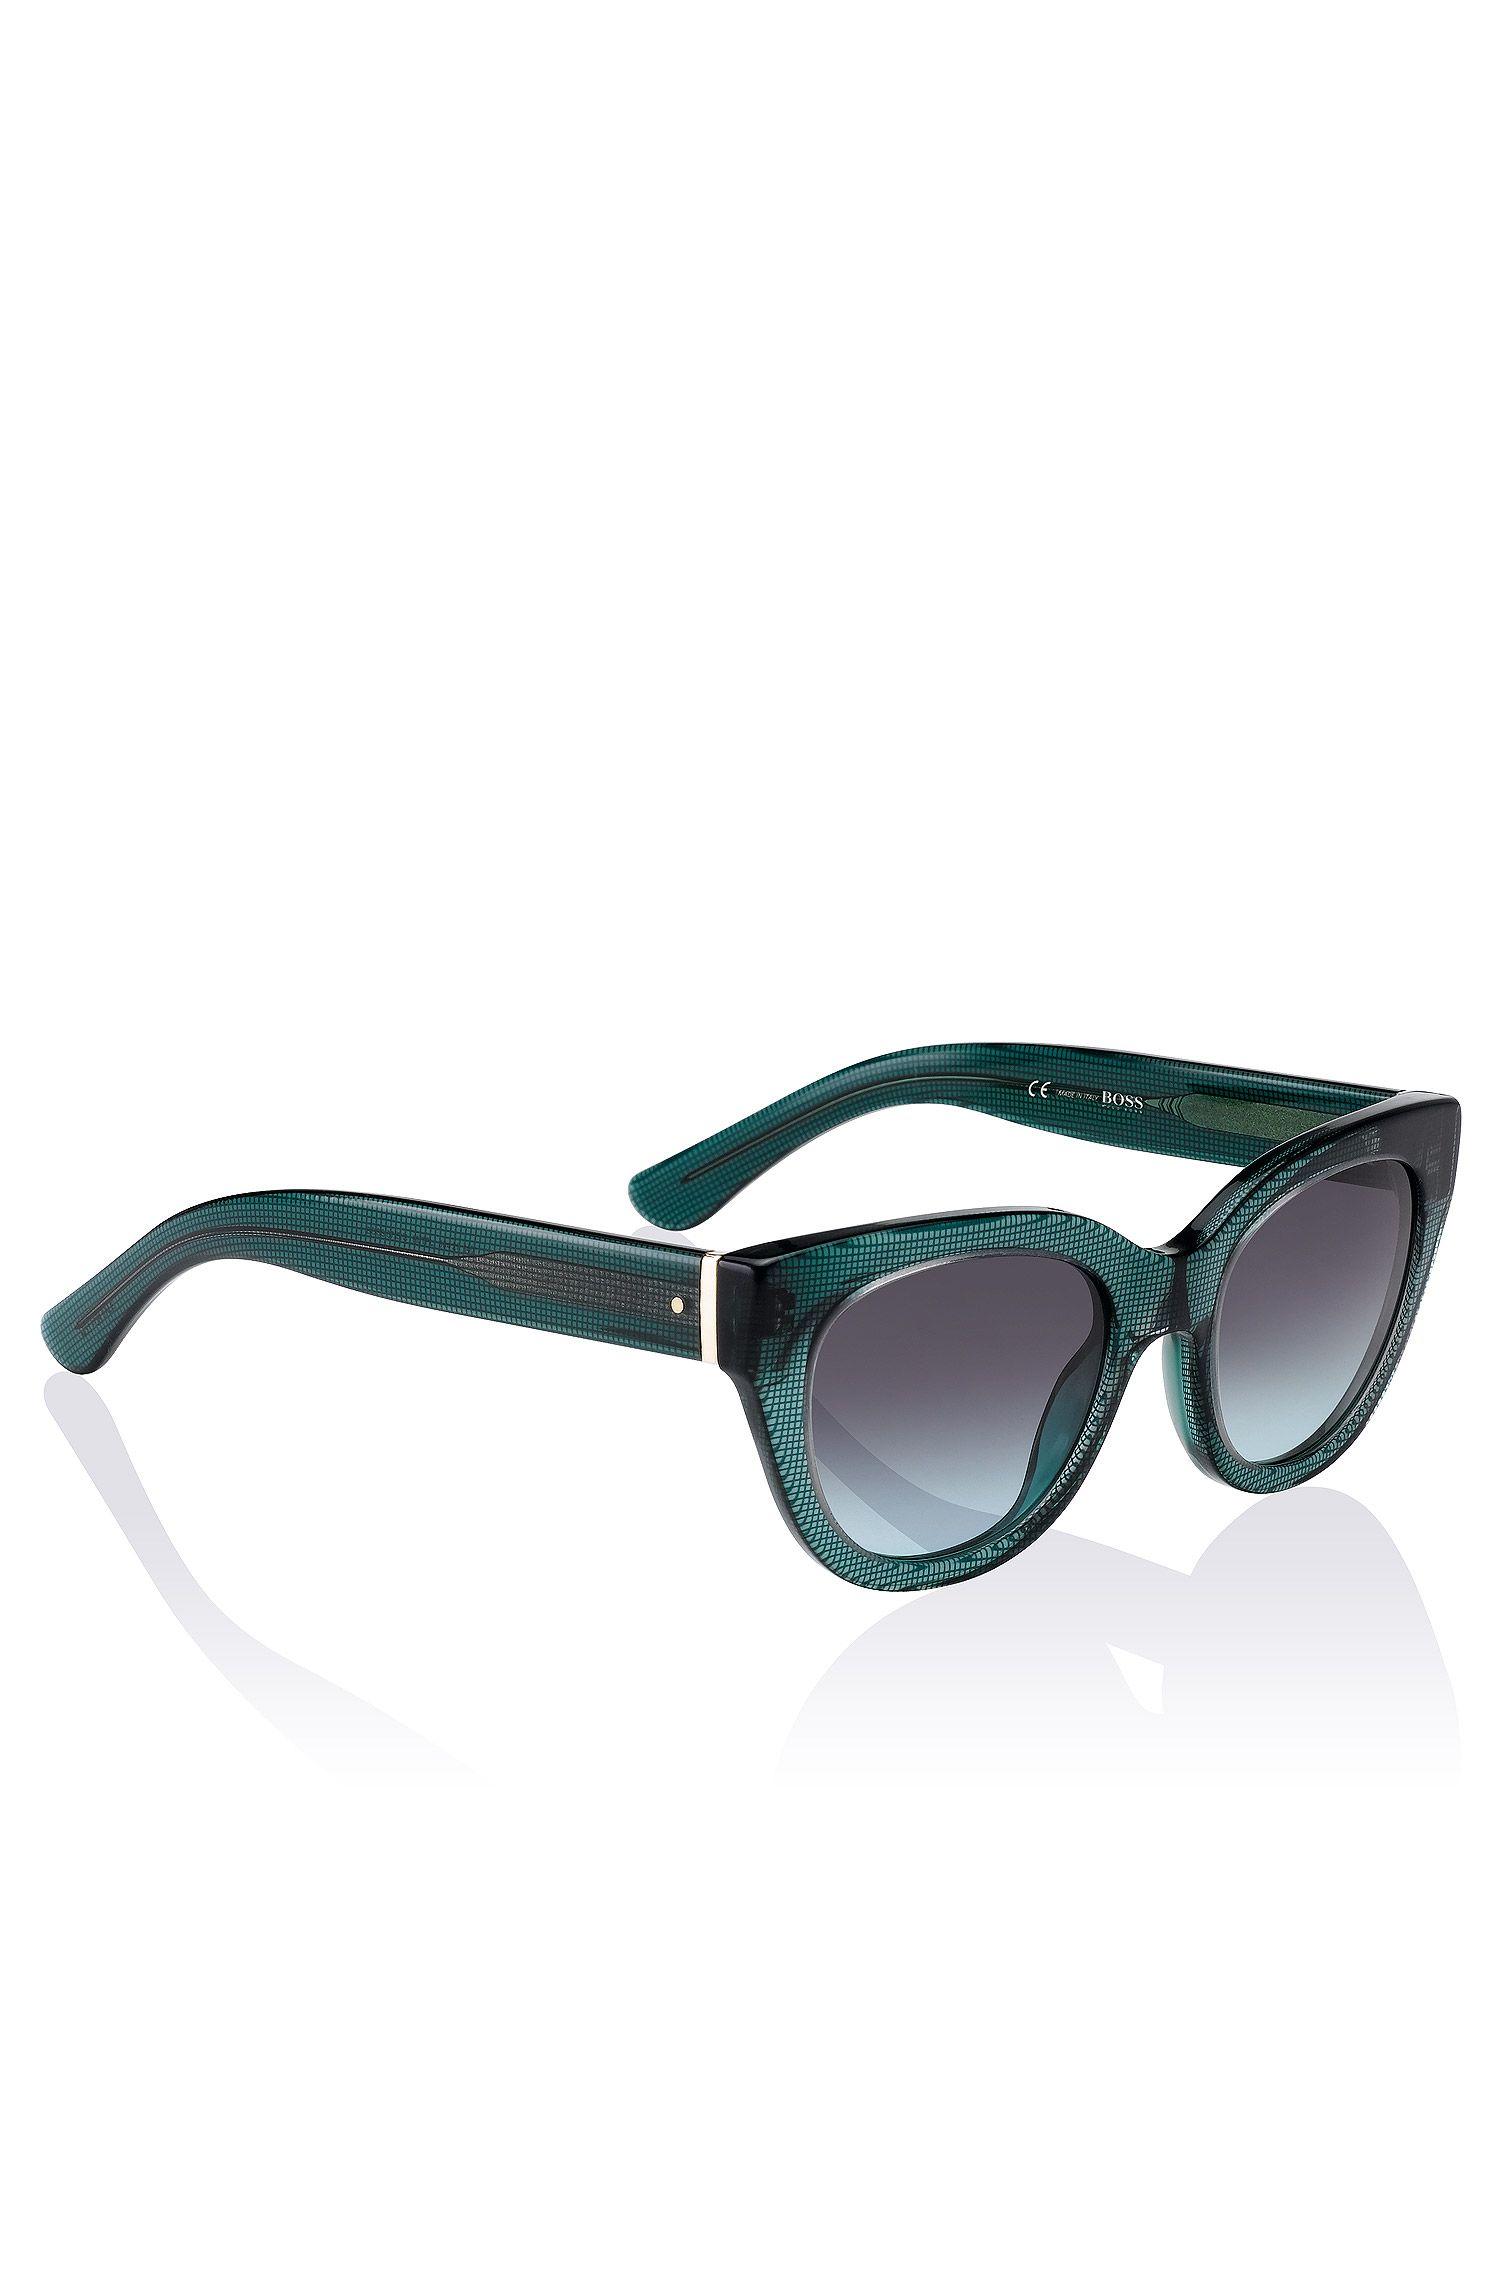 Cat eye-zonnebril heren 'BOSS 0715/S'